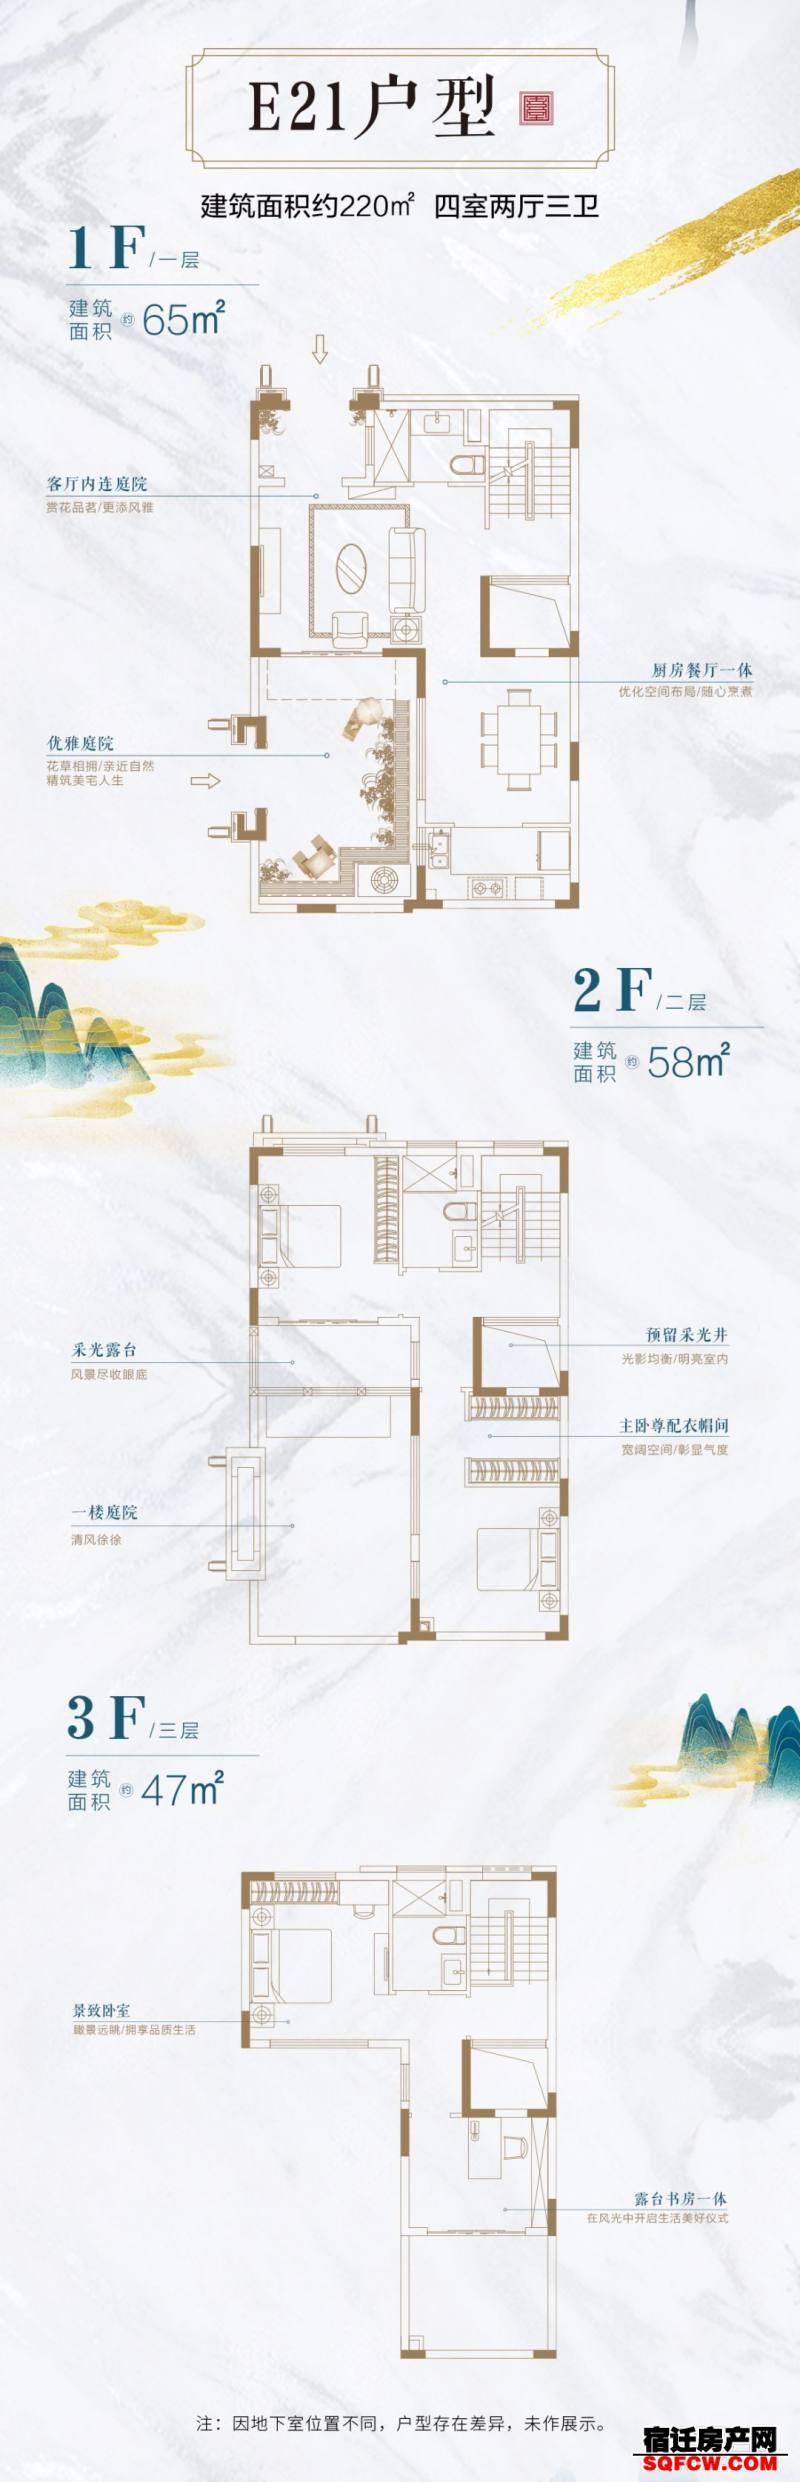 时光有院 粽情端午丨一起来恒大悦龙台巧手DIY吧!(图18)